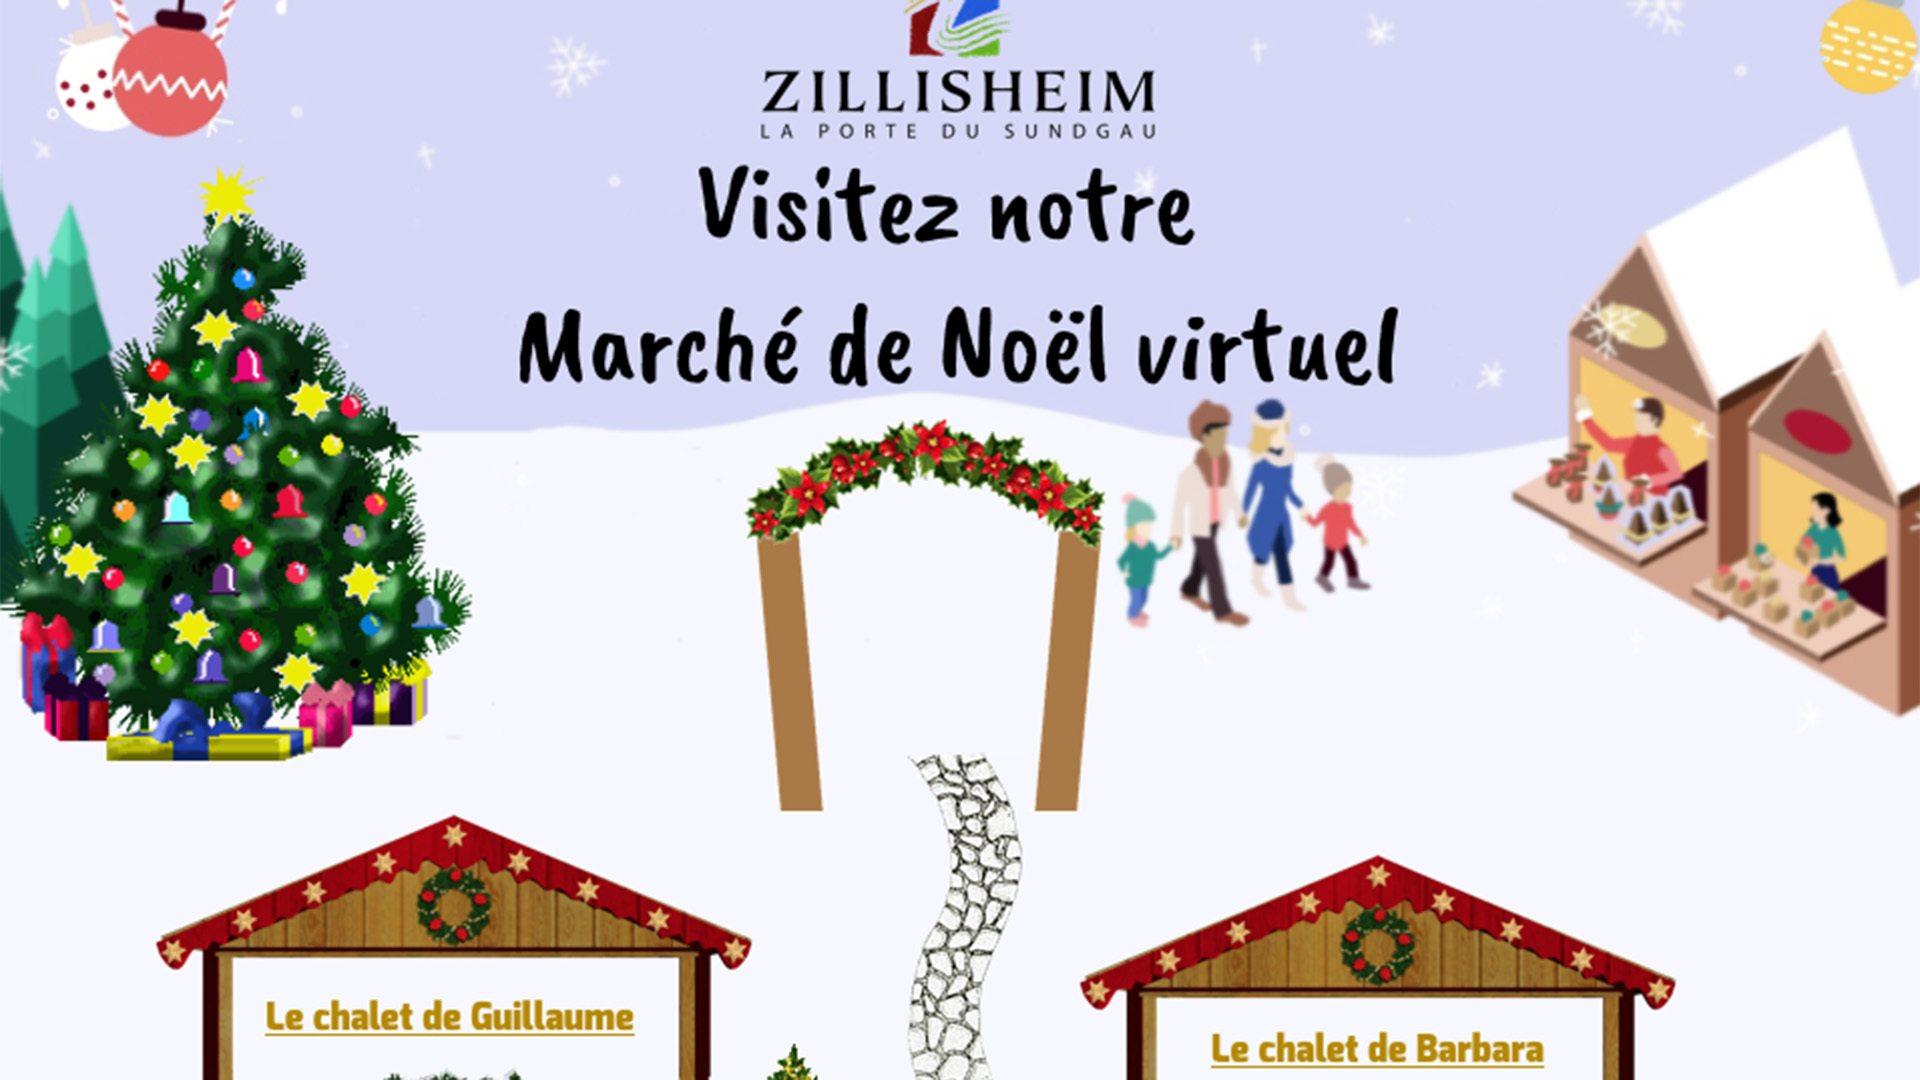 Zillisheim cliquez sur le chalet : 12 chalets et autant d'artisans à découvrir